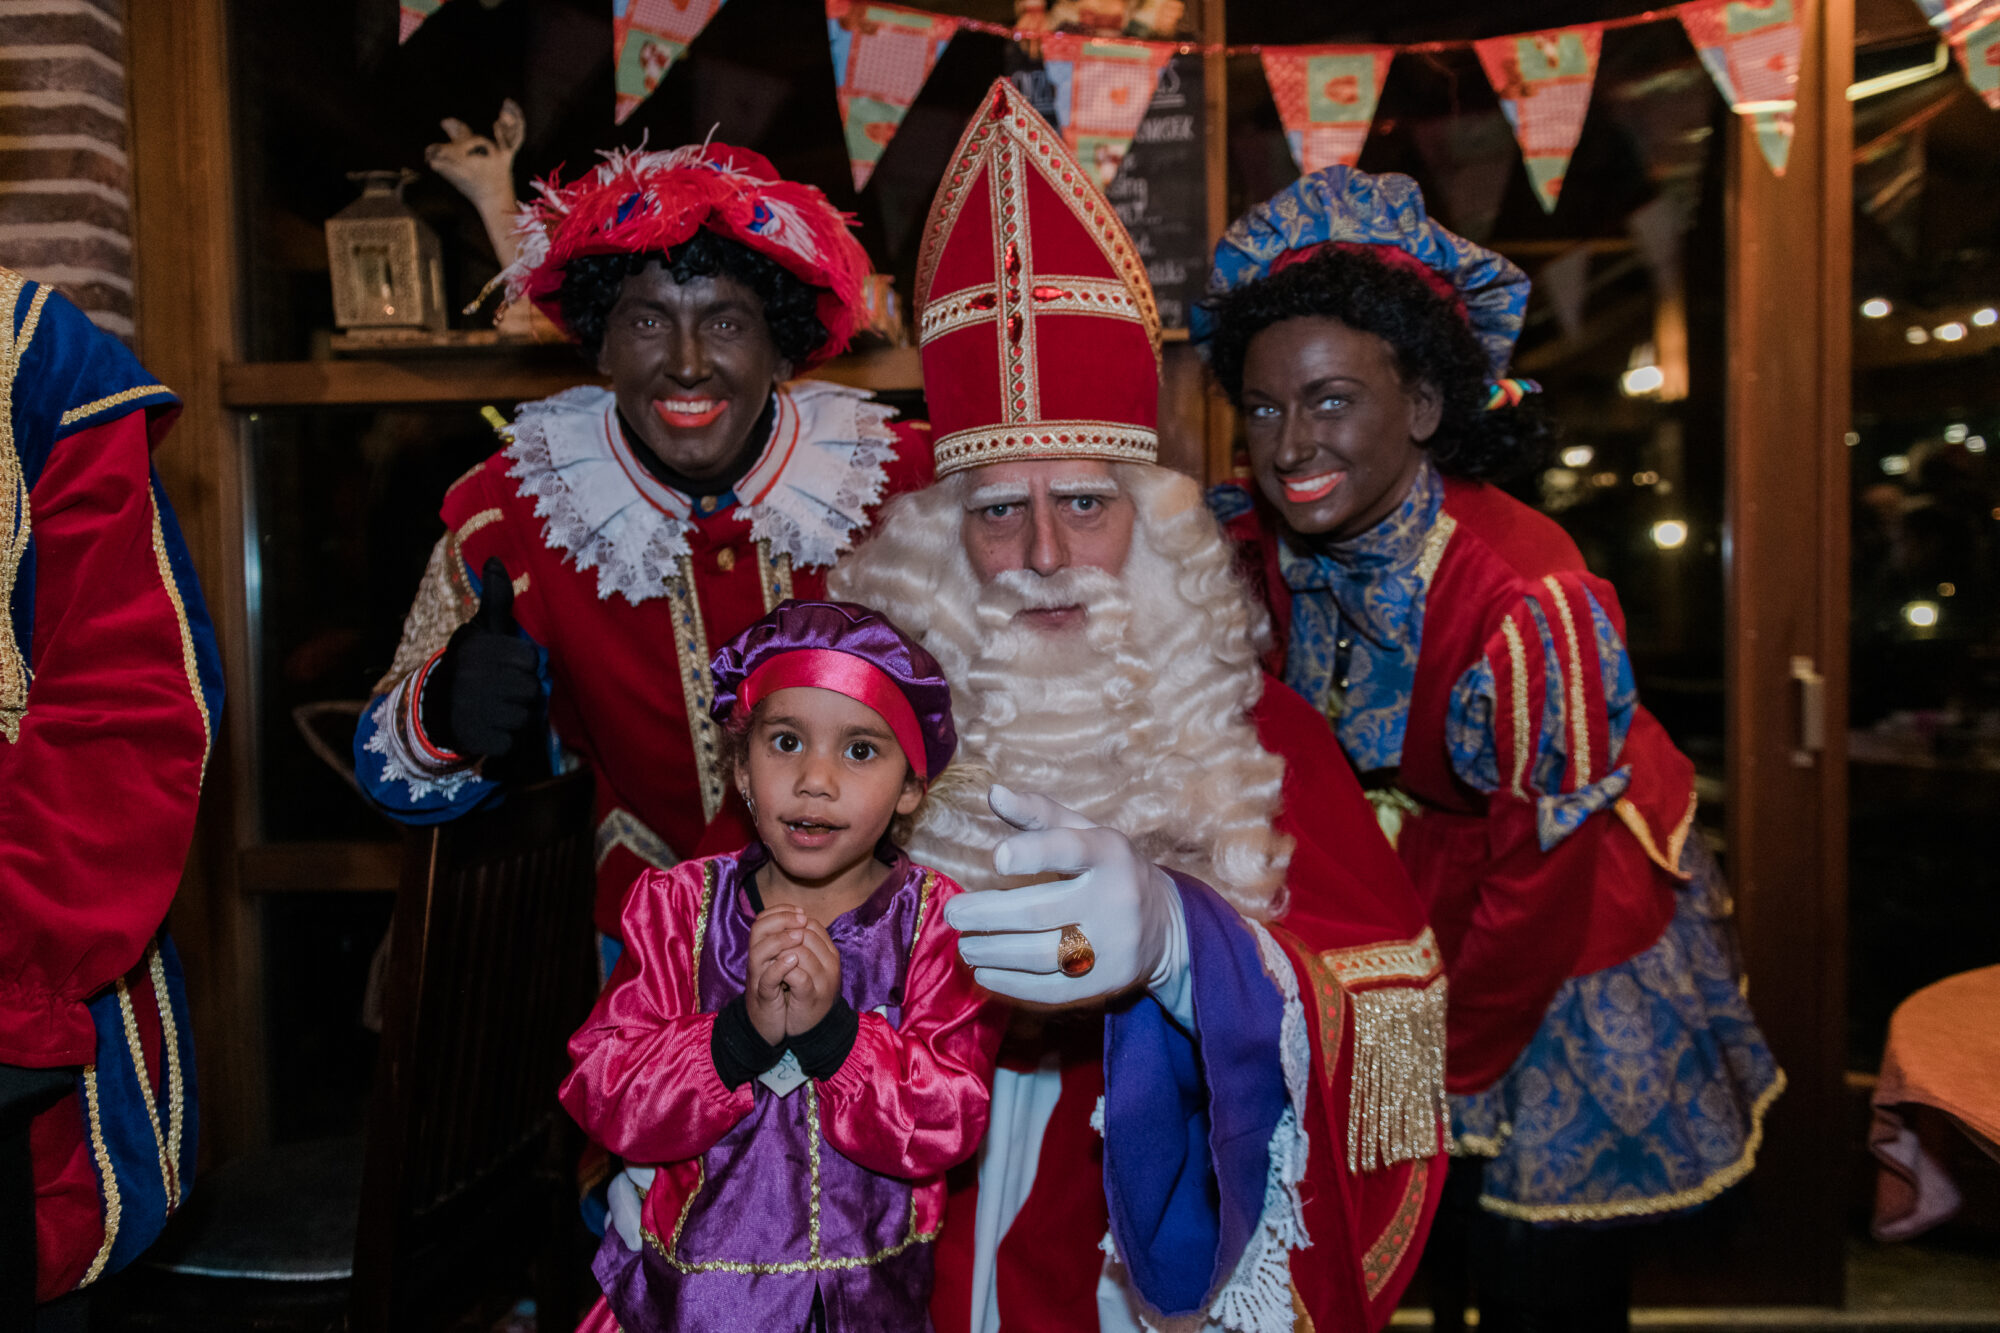 Pannenkoekenrestaurant Berg en Dal organiseerde Sinterklaasmiddag voor minder bedeelde kinderen